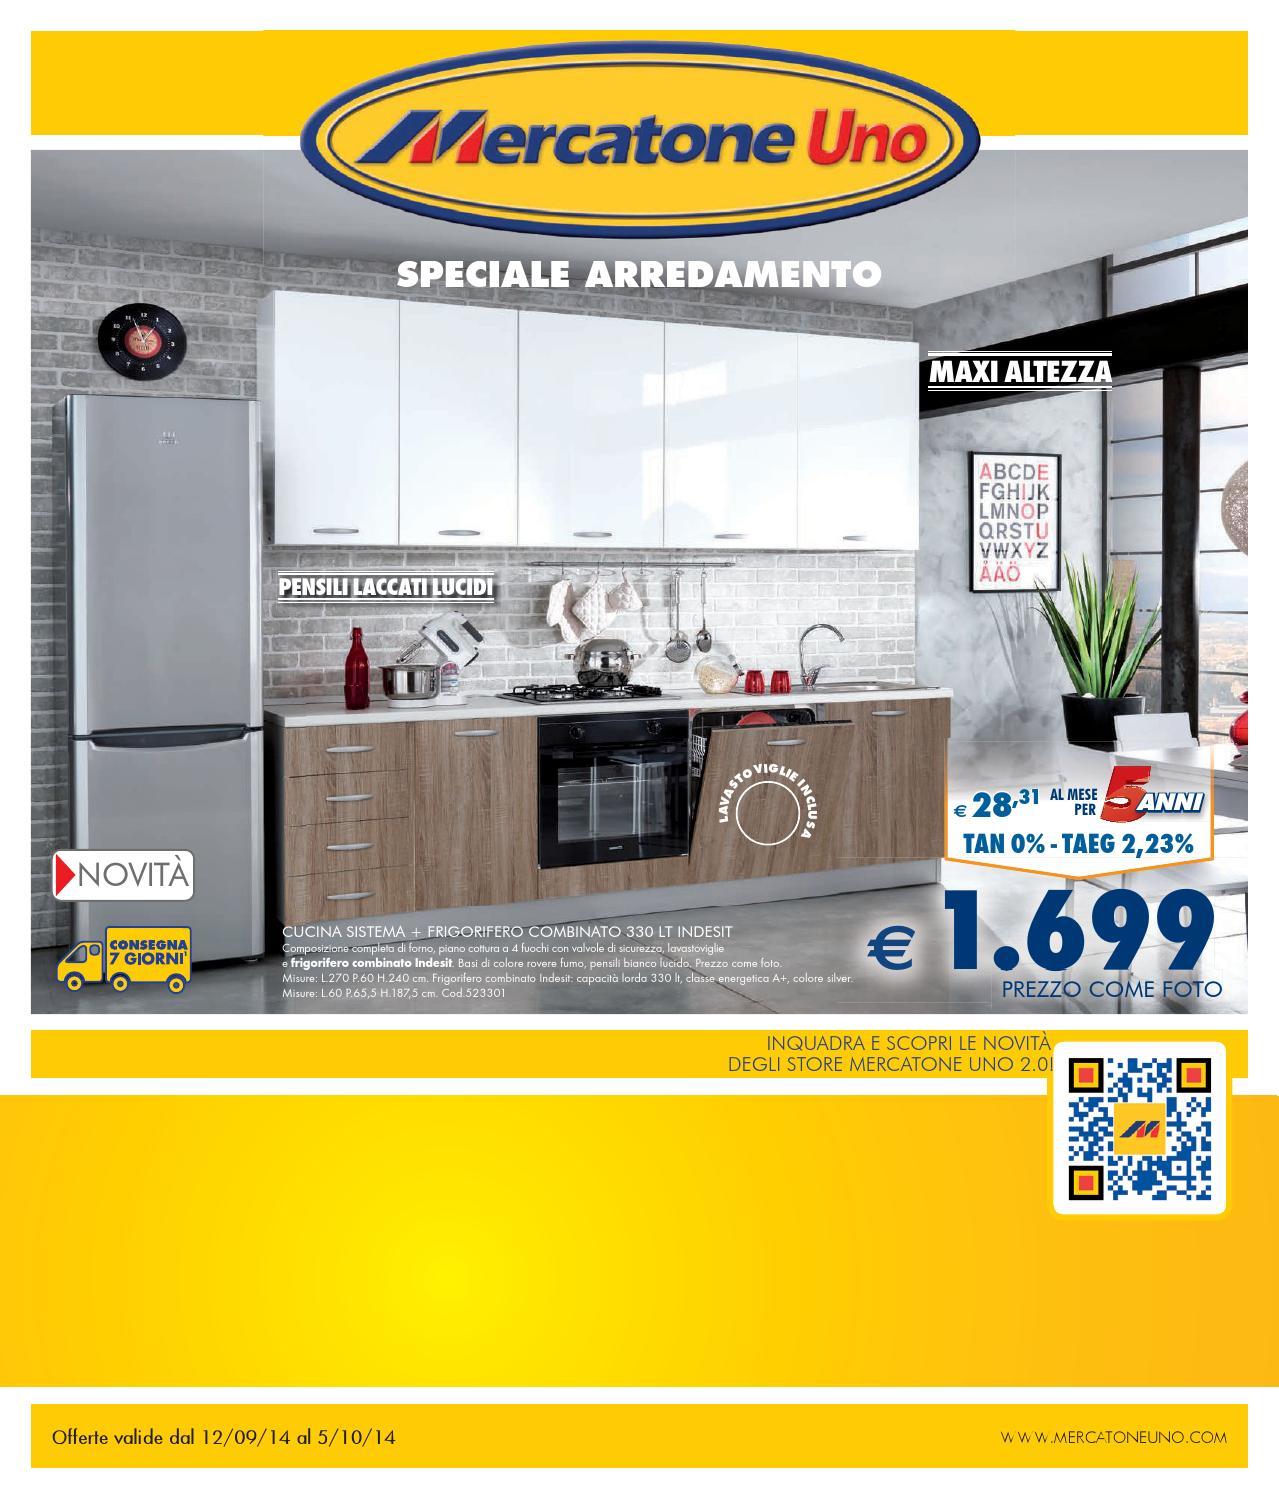 Mercatone Uno Divano Letto Matrimoniale.Mercatone Uno 5 Anni By Mobilpro Issuu